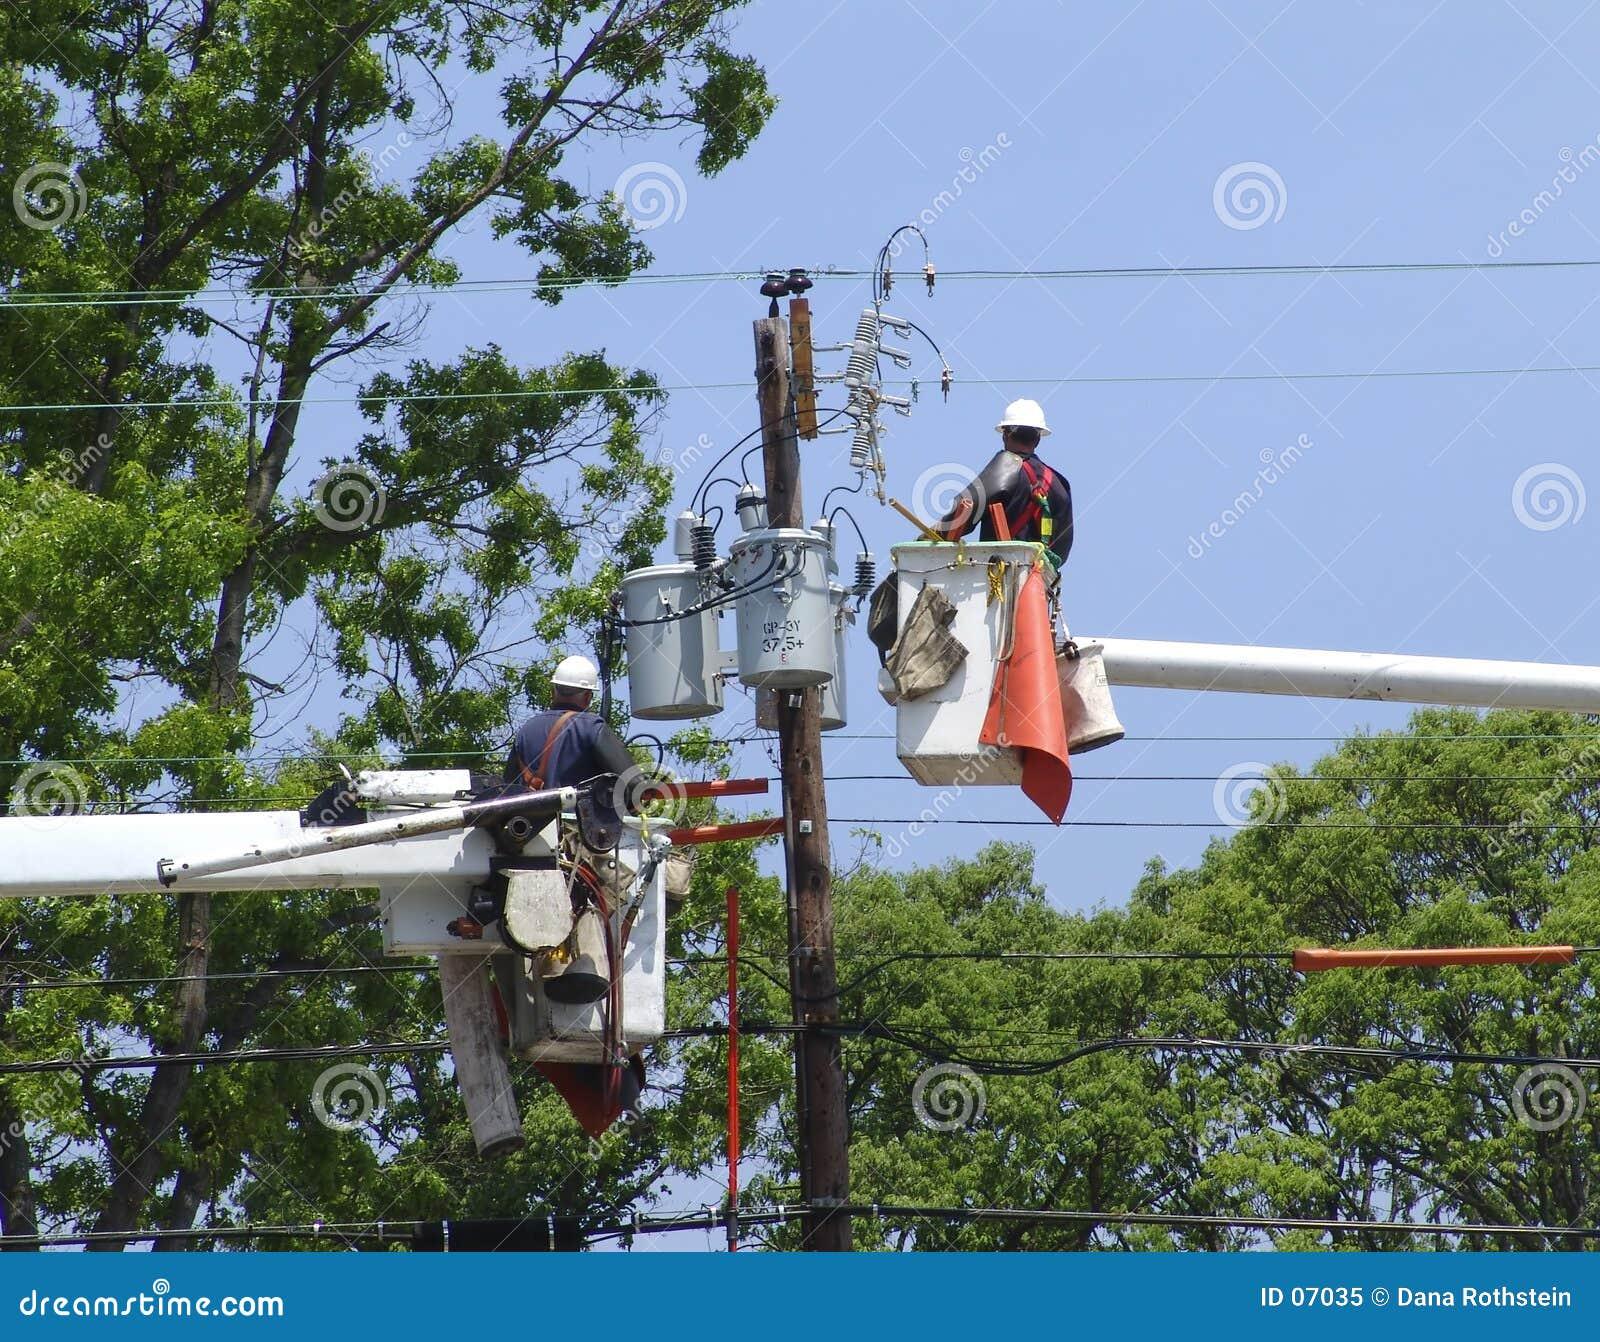 Download Manutenzione del Powerline immagine stock. Immagine di industriale - 7035